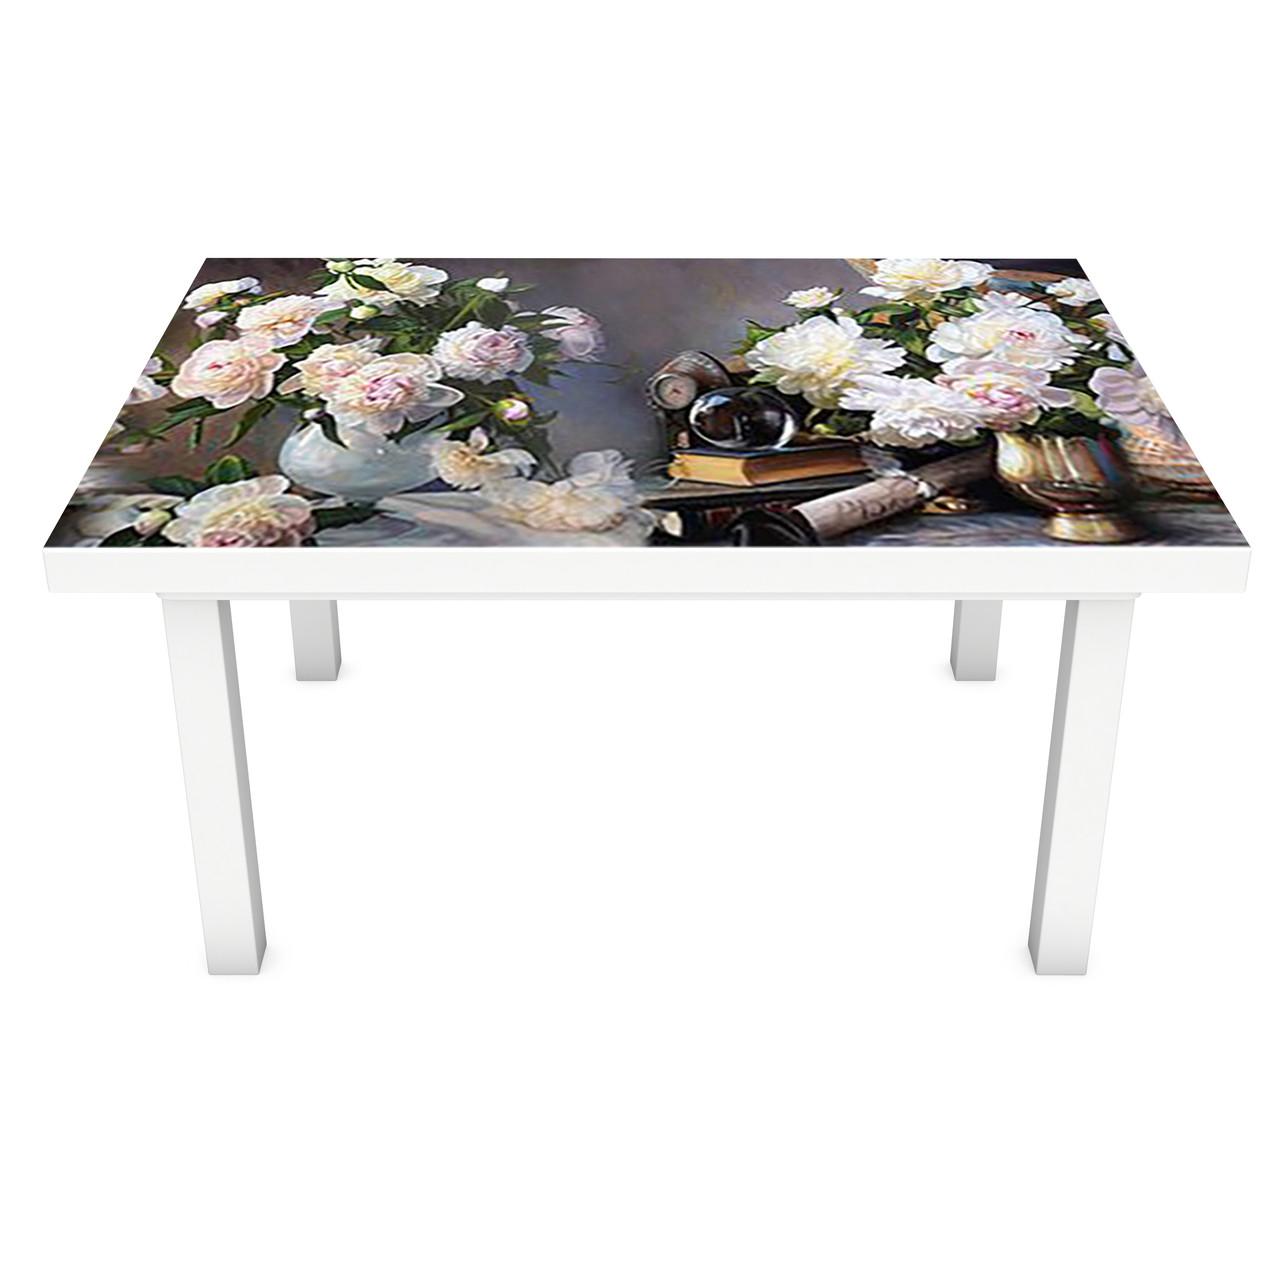 Наклейка на стол виниловая Аристократические пионы на мебель интерьерная ПВХ 3Д цветы серый 600*1200 мм